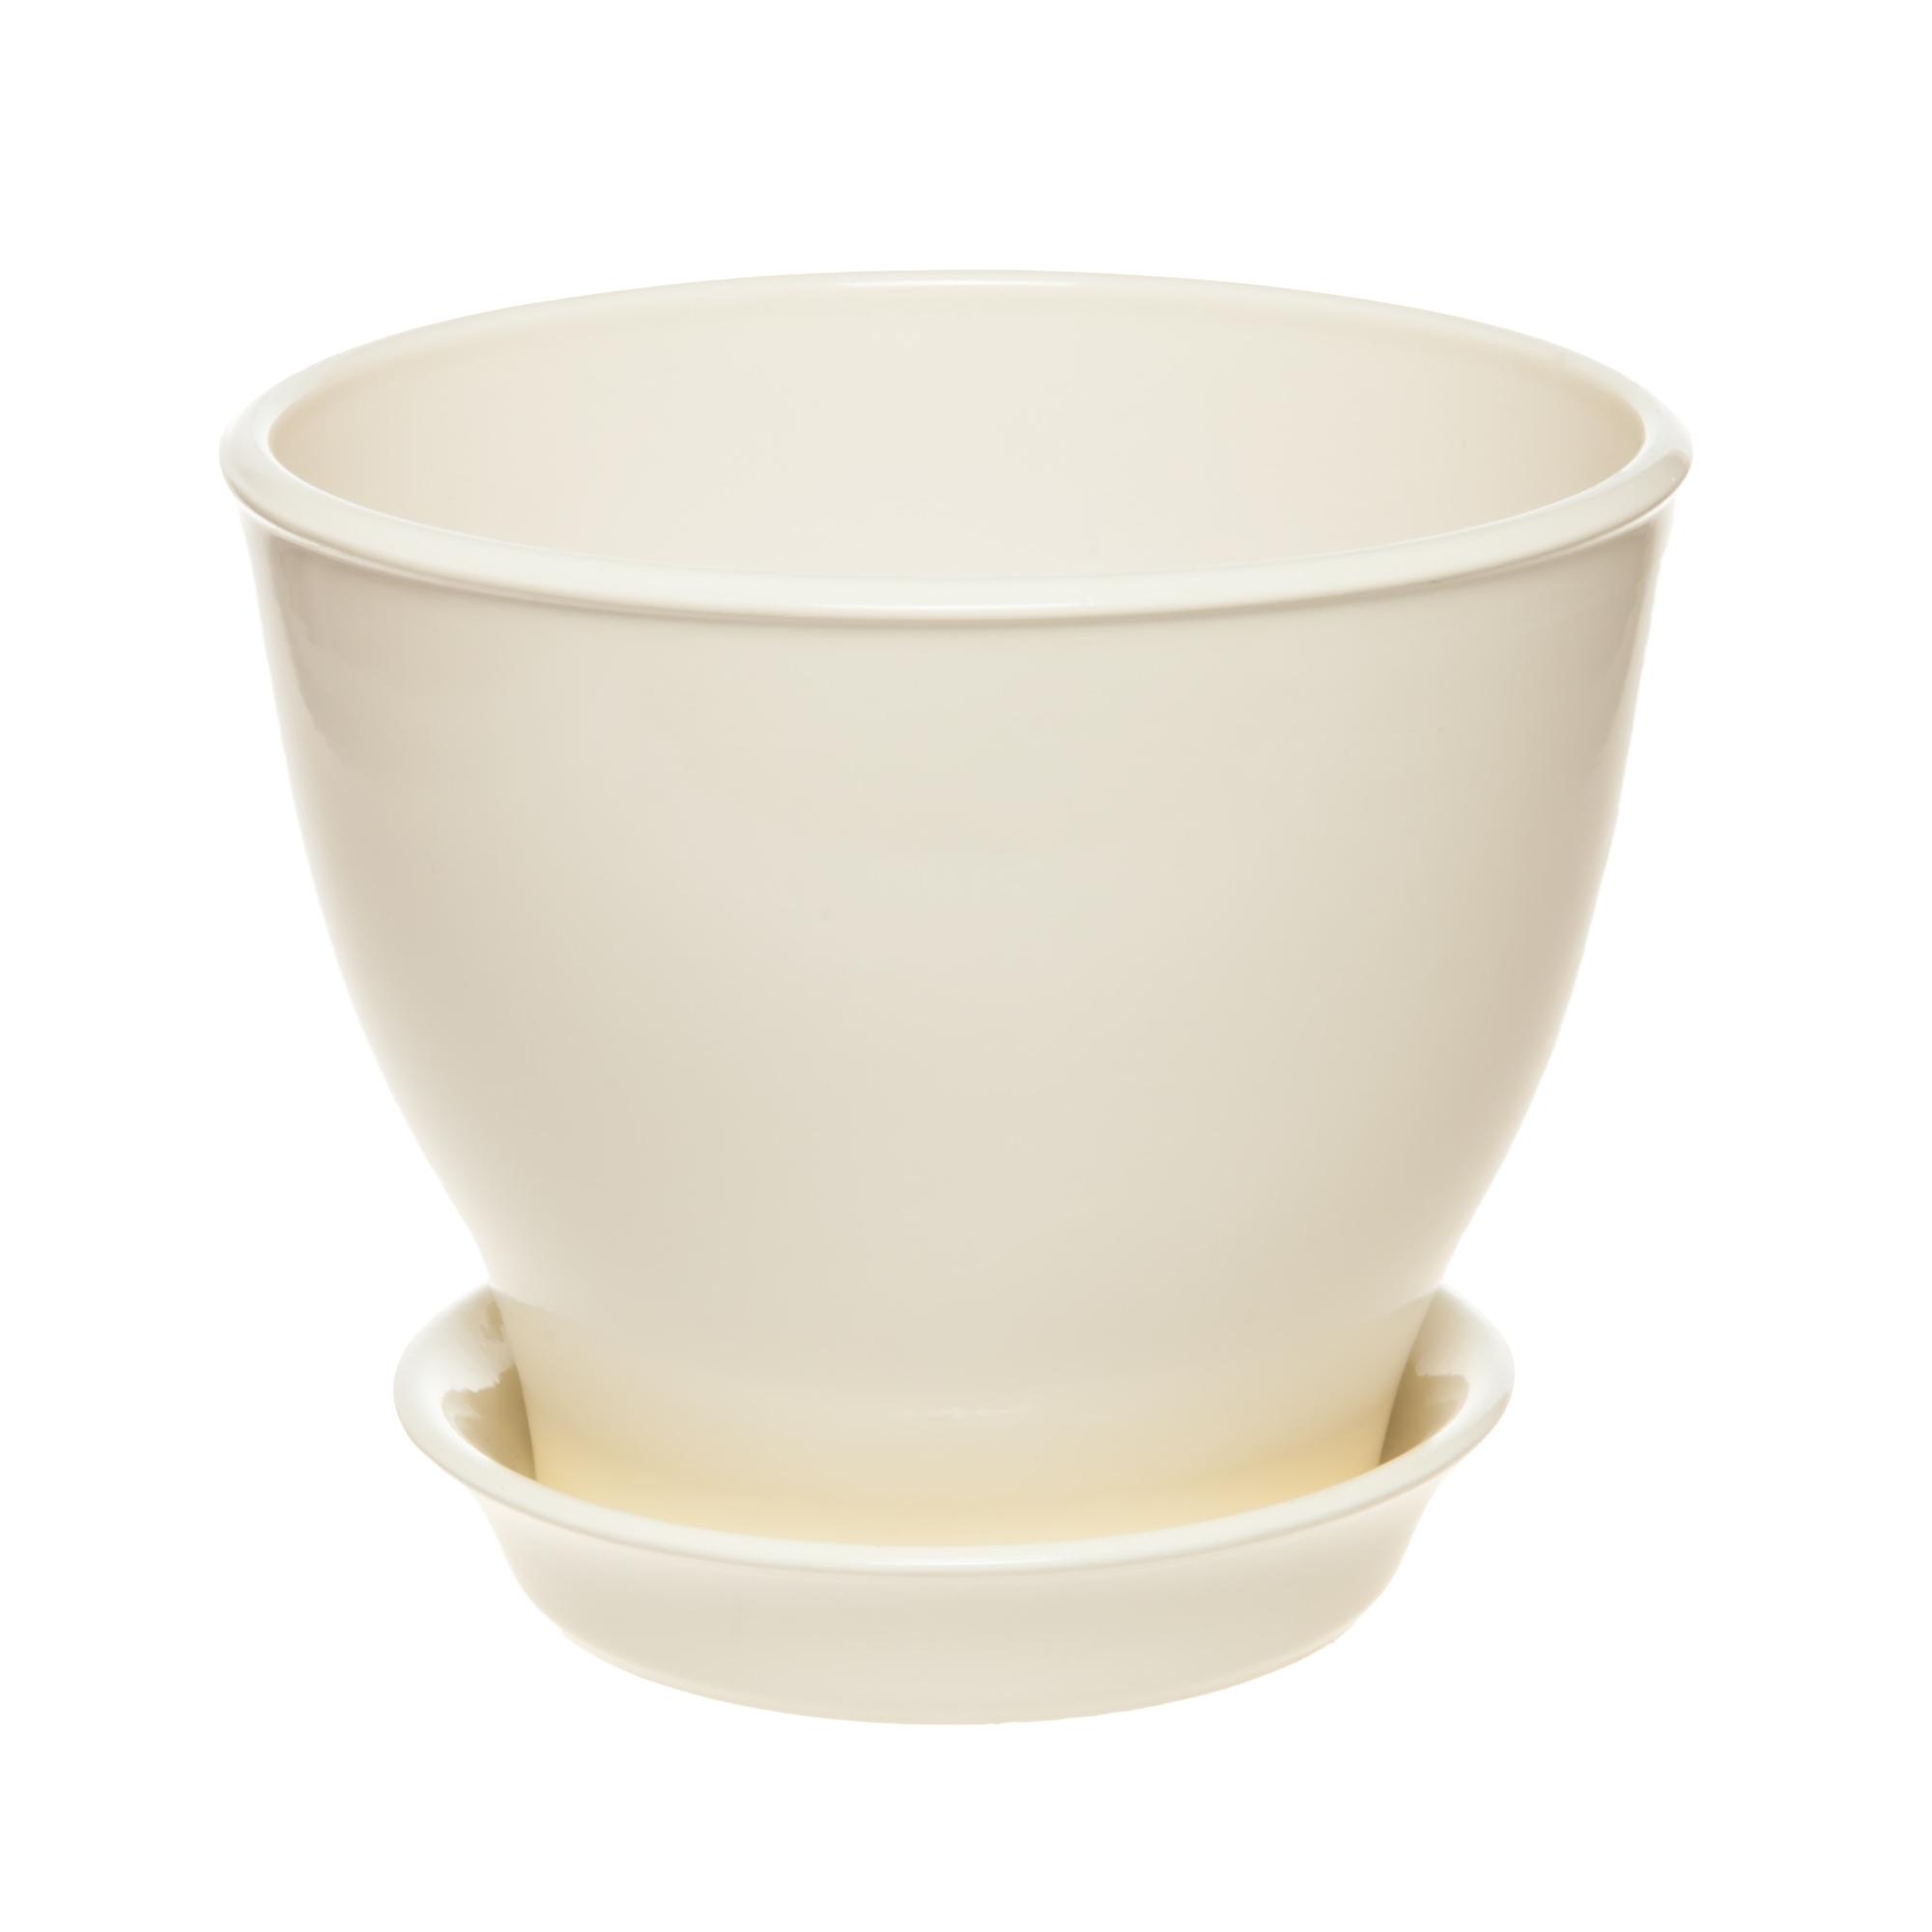 Фото - Горшок Керам Ксения глянец молочный 12 см горшок с поддоном керамический для цветов керам ксения глянец зеленый 9см